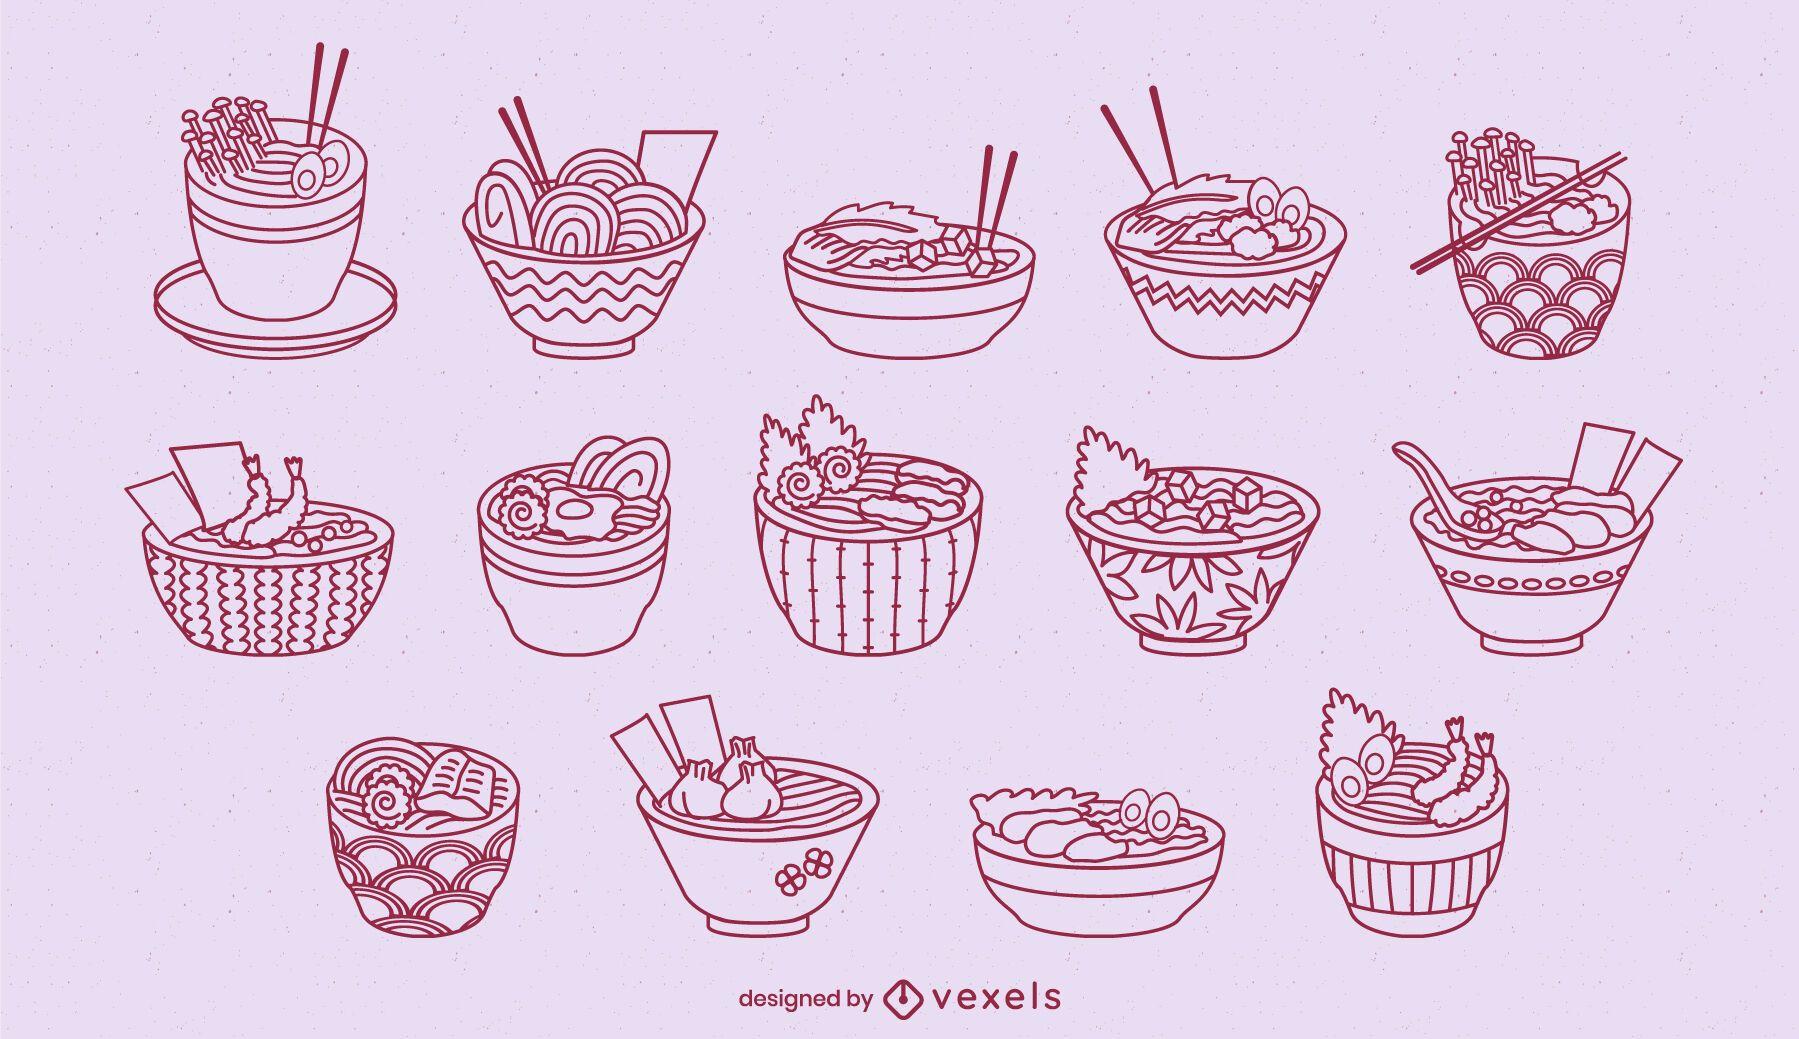 Niedliche Ramenschalen japanisches Nahrungsmittel-Linienkunst-Set